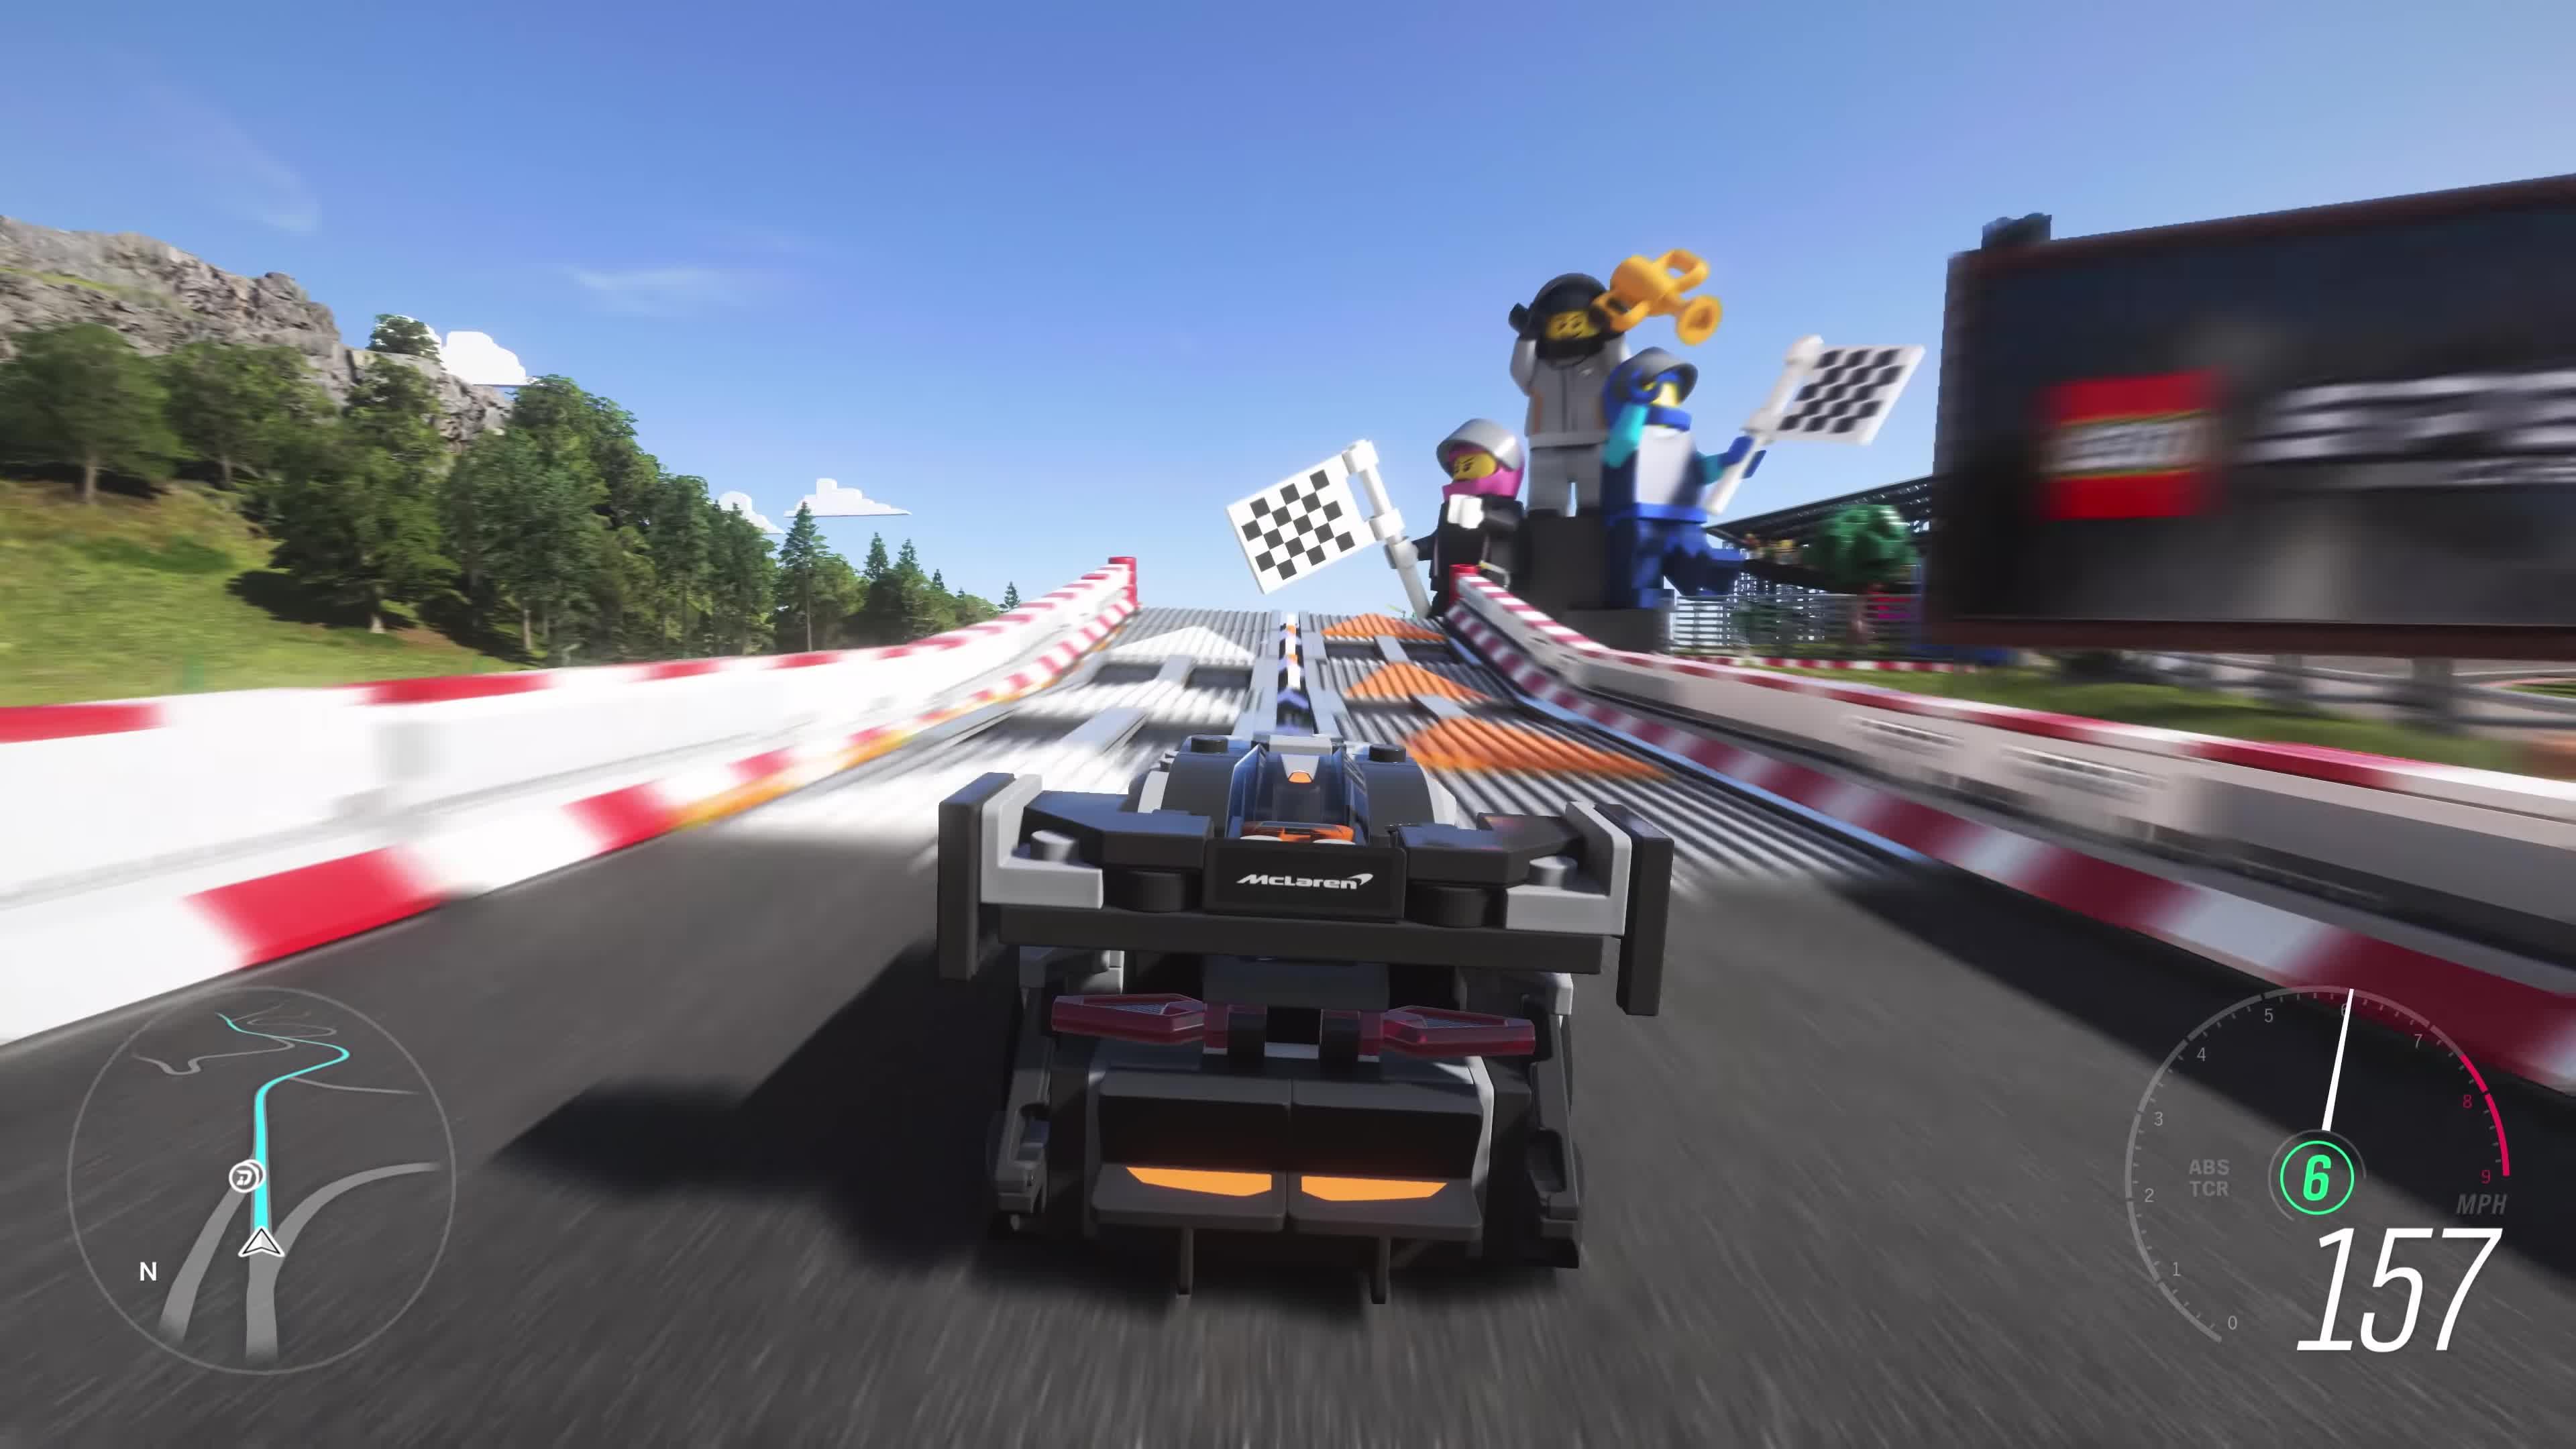 E3, E3 2019, Forza, Forza Horizon4, Gaming, Horizon4, IGN, IGN JAPAN, Xbox, Xbox Experience, ゲーム, レゴでForza!?『Forza Horizon 4 LEGO Speed Champions』約5分間のゲームプレイ:E3 2019 GIFs